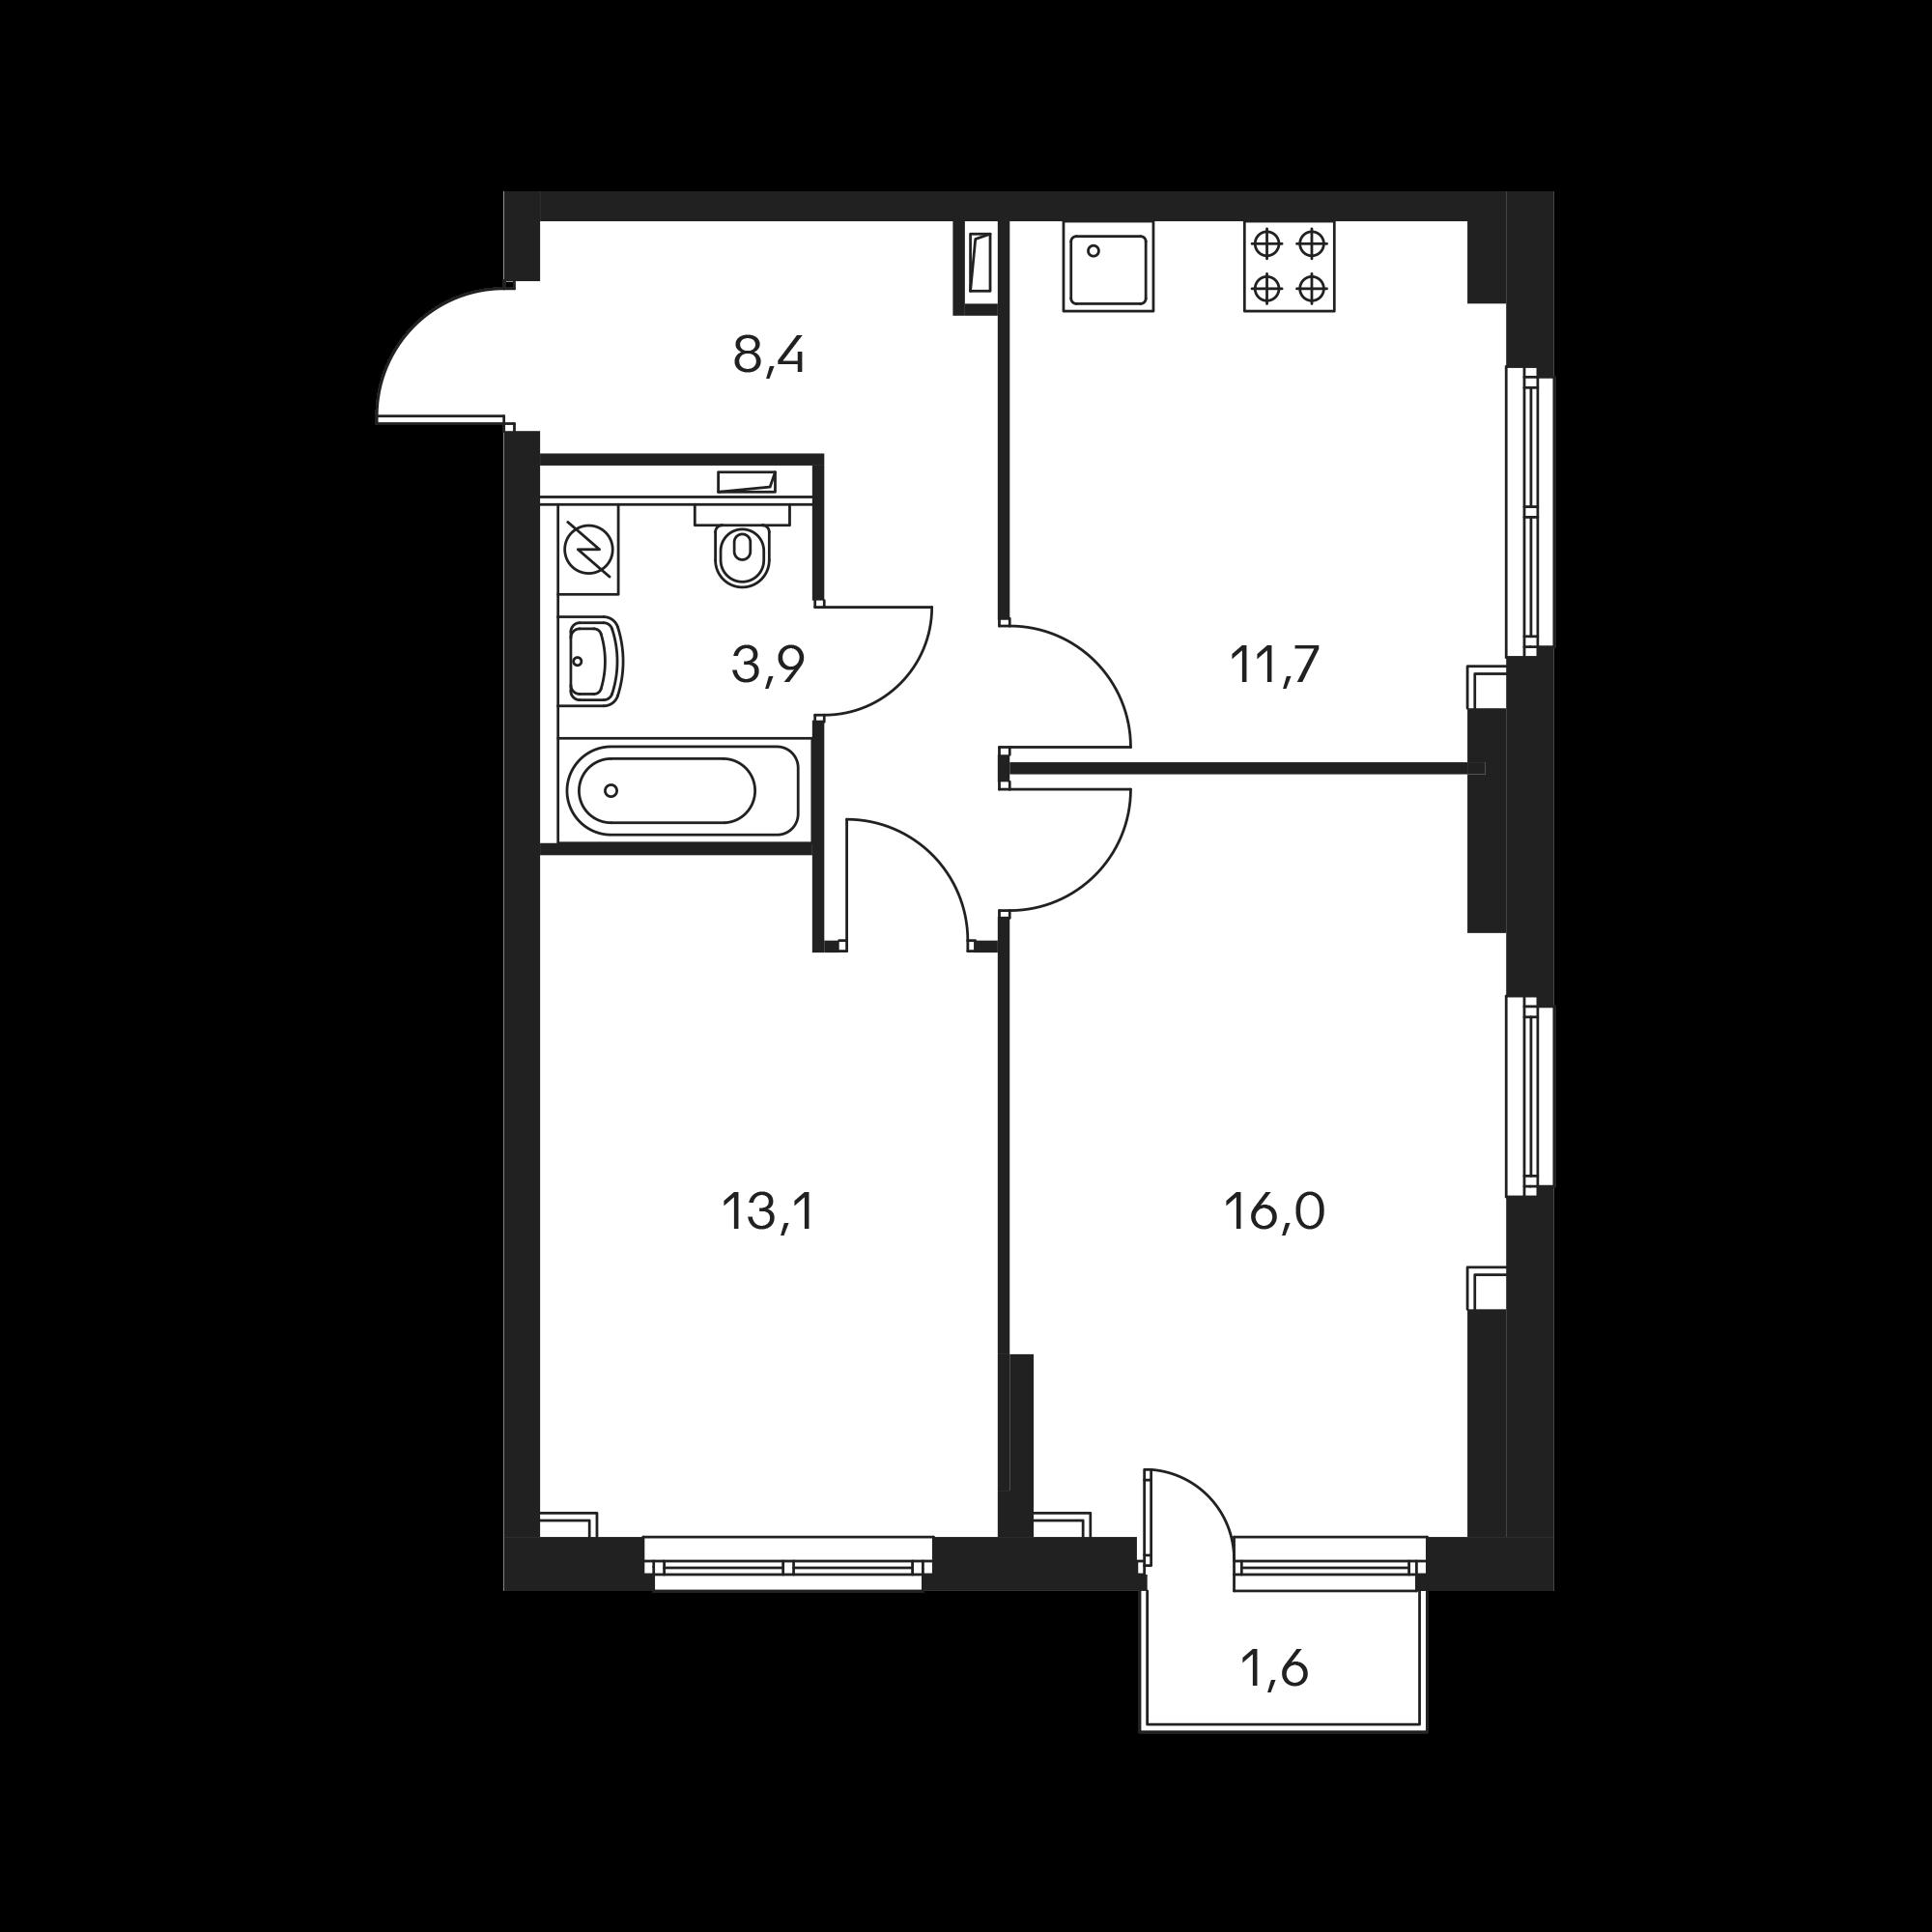 2KS1_6.6-1SAB2T